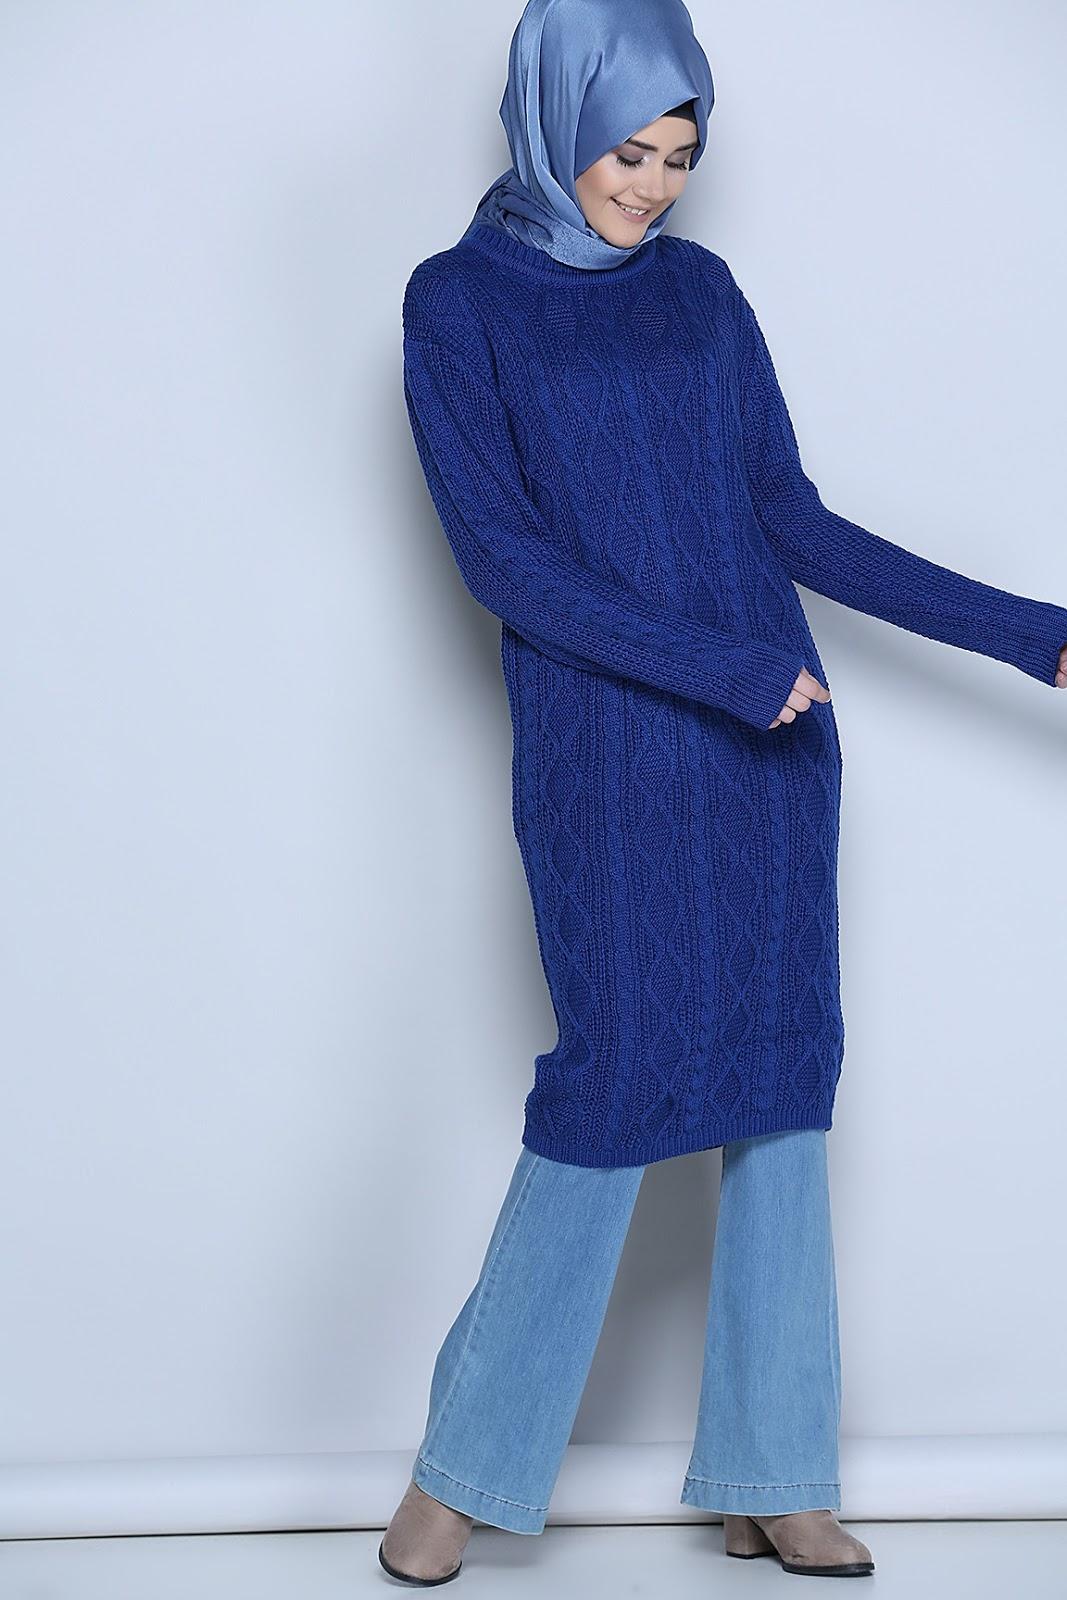 Tuniques Sp Cial Hiver Pour Hijab Moderne Style 2018